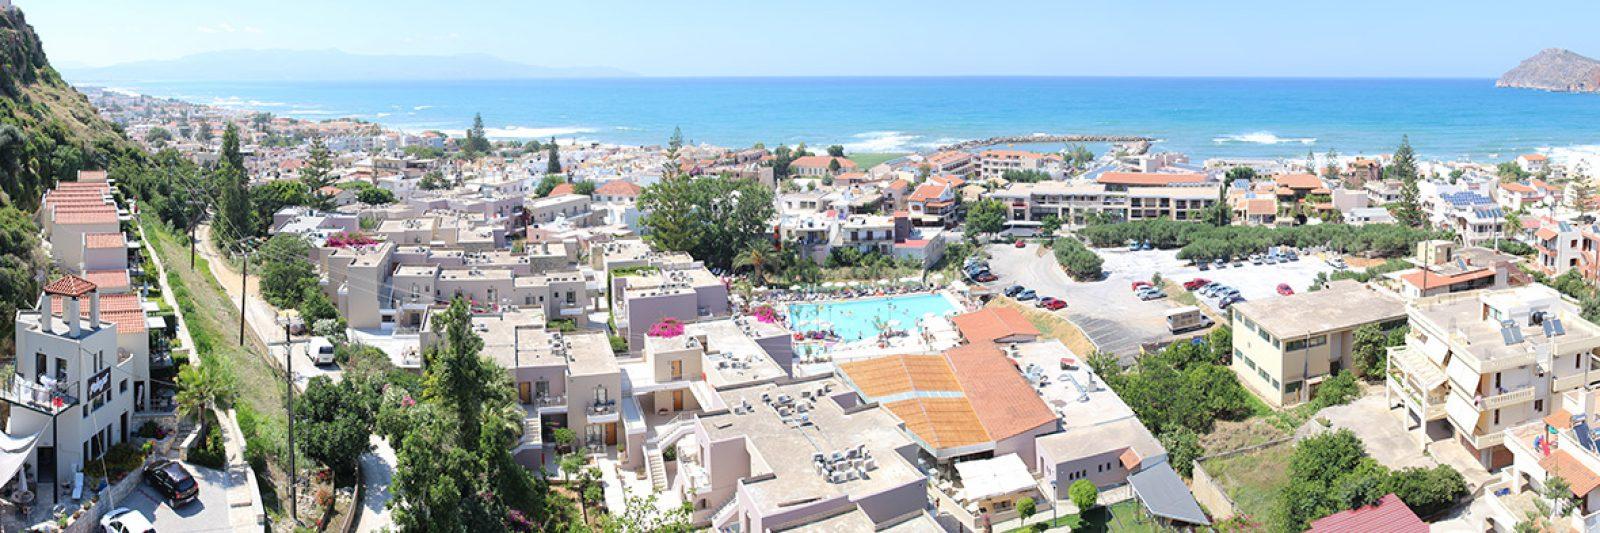 Pelagos Holidays Apartments over Platanias with view on Agioi Theodoroi Island